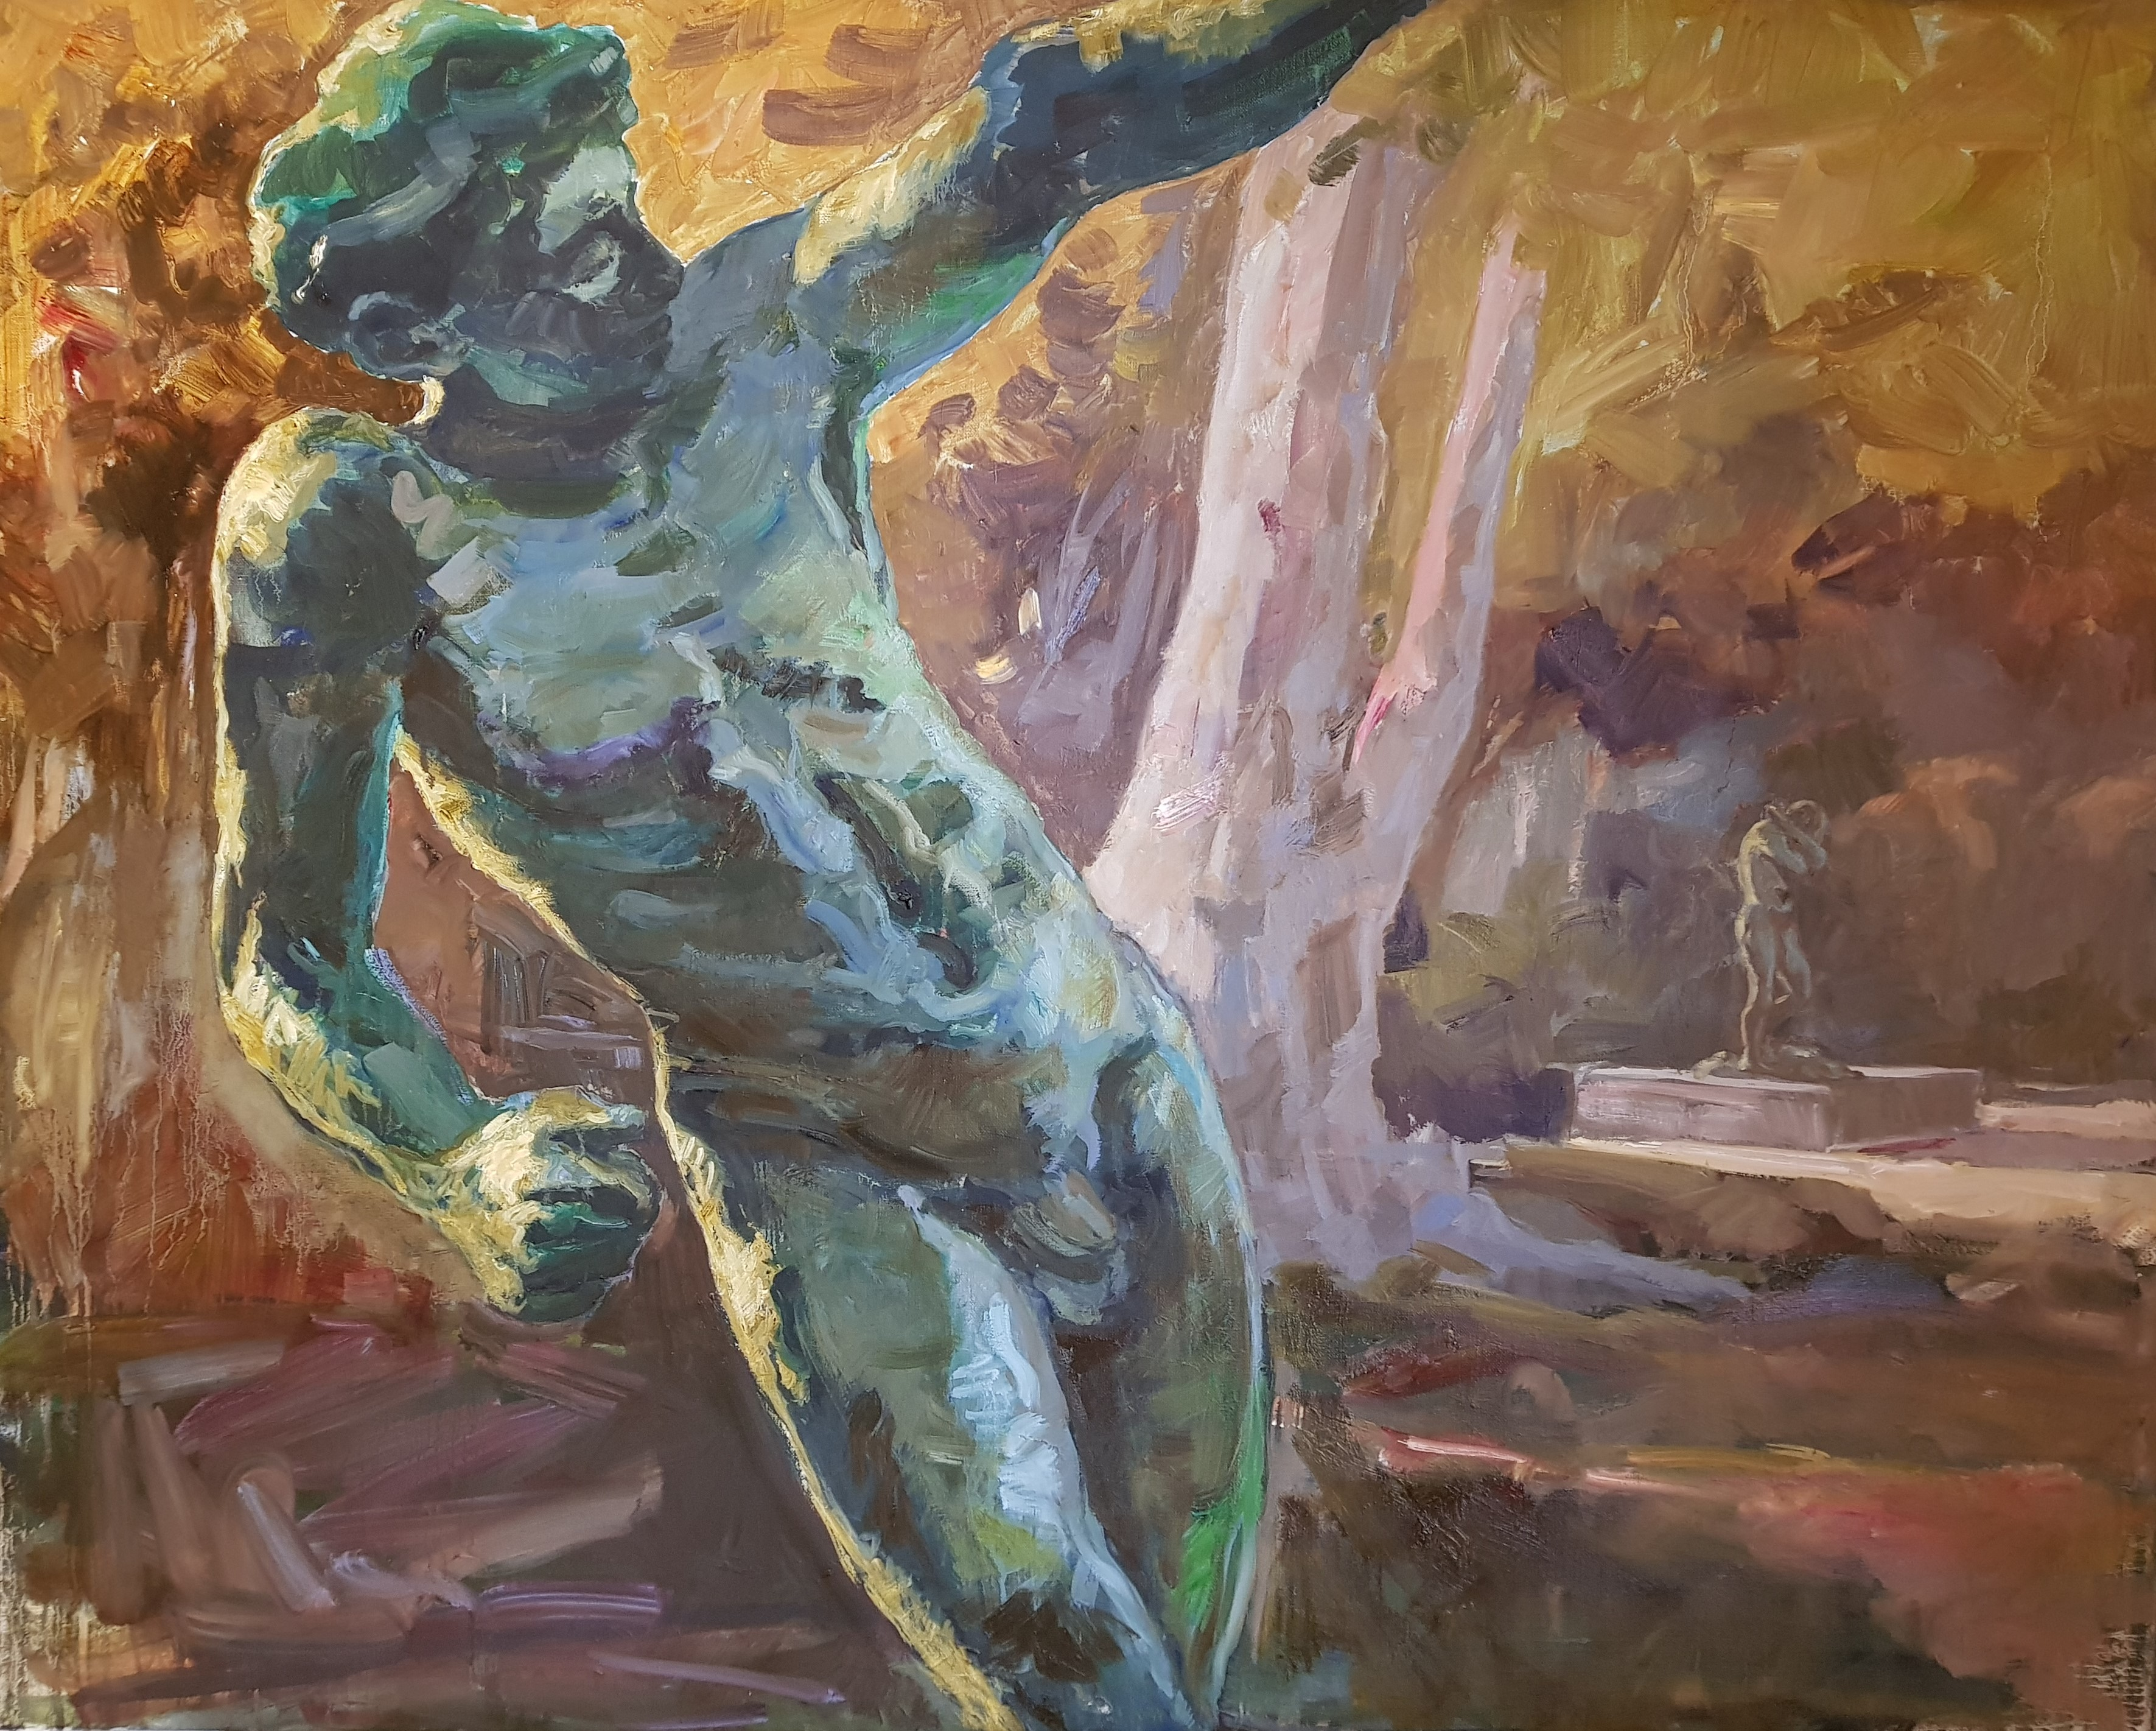 Le Génie, Rodin, Automne - 100 x 80